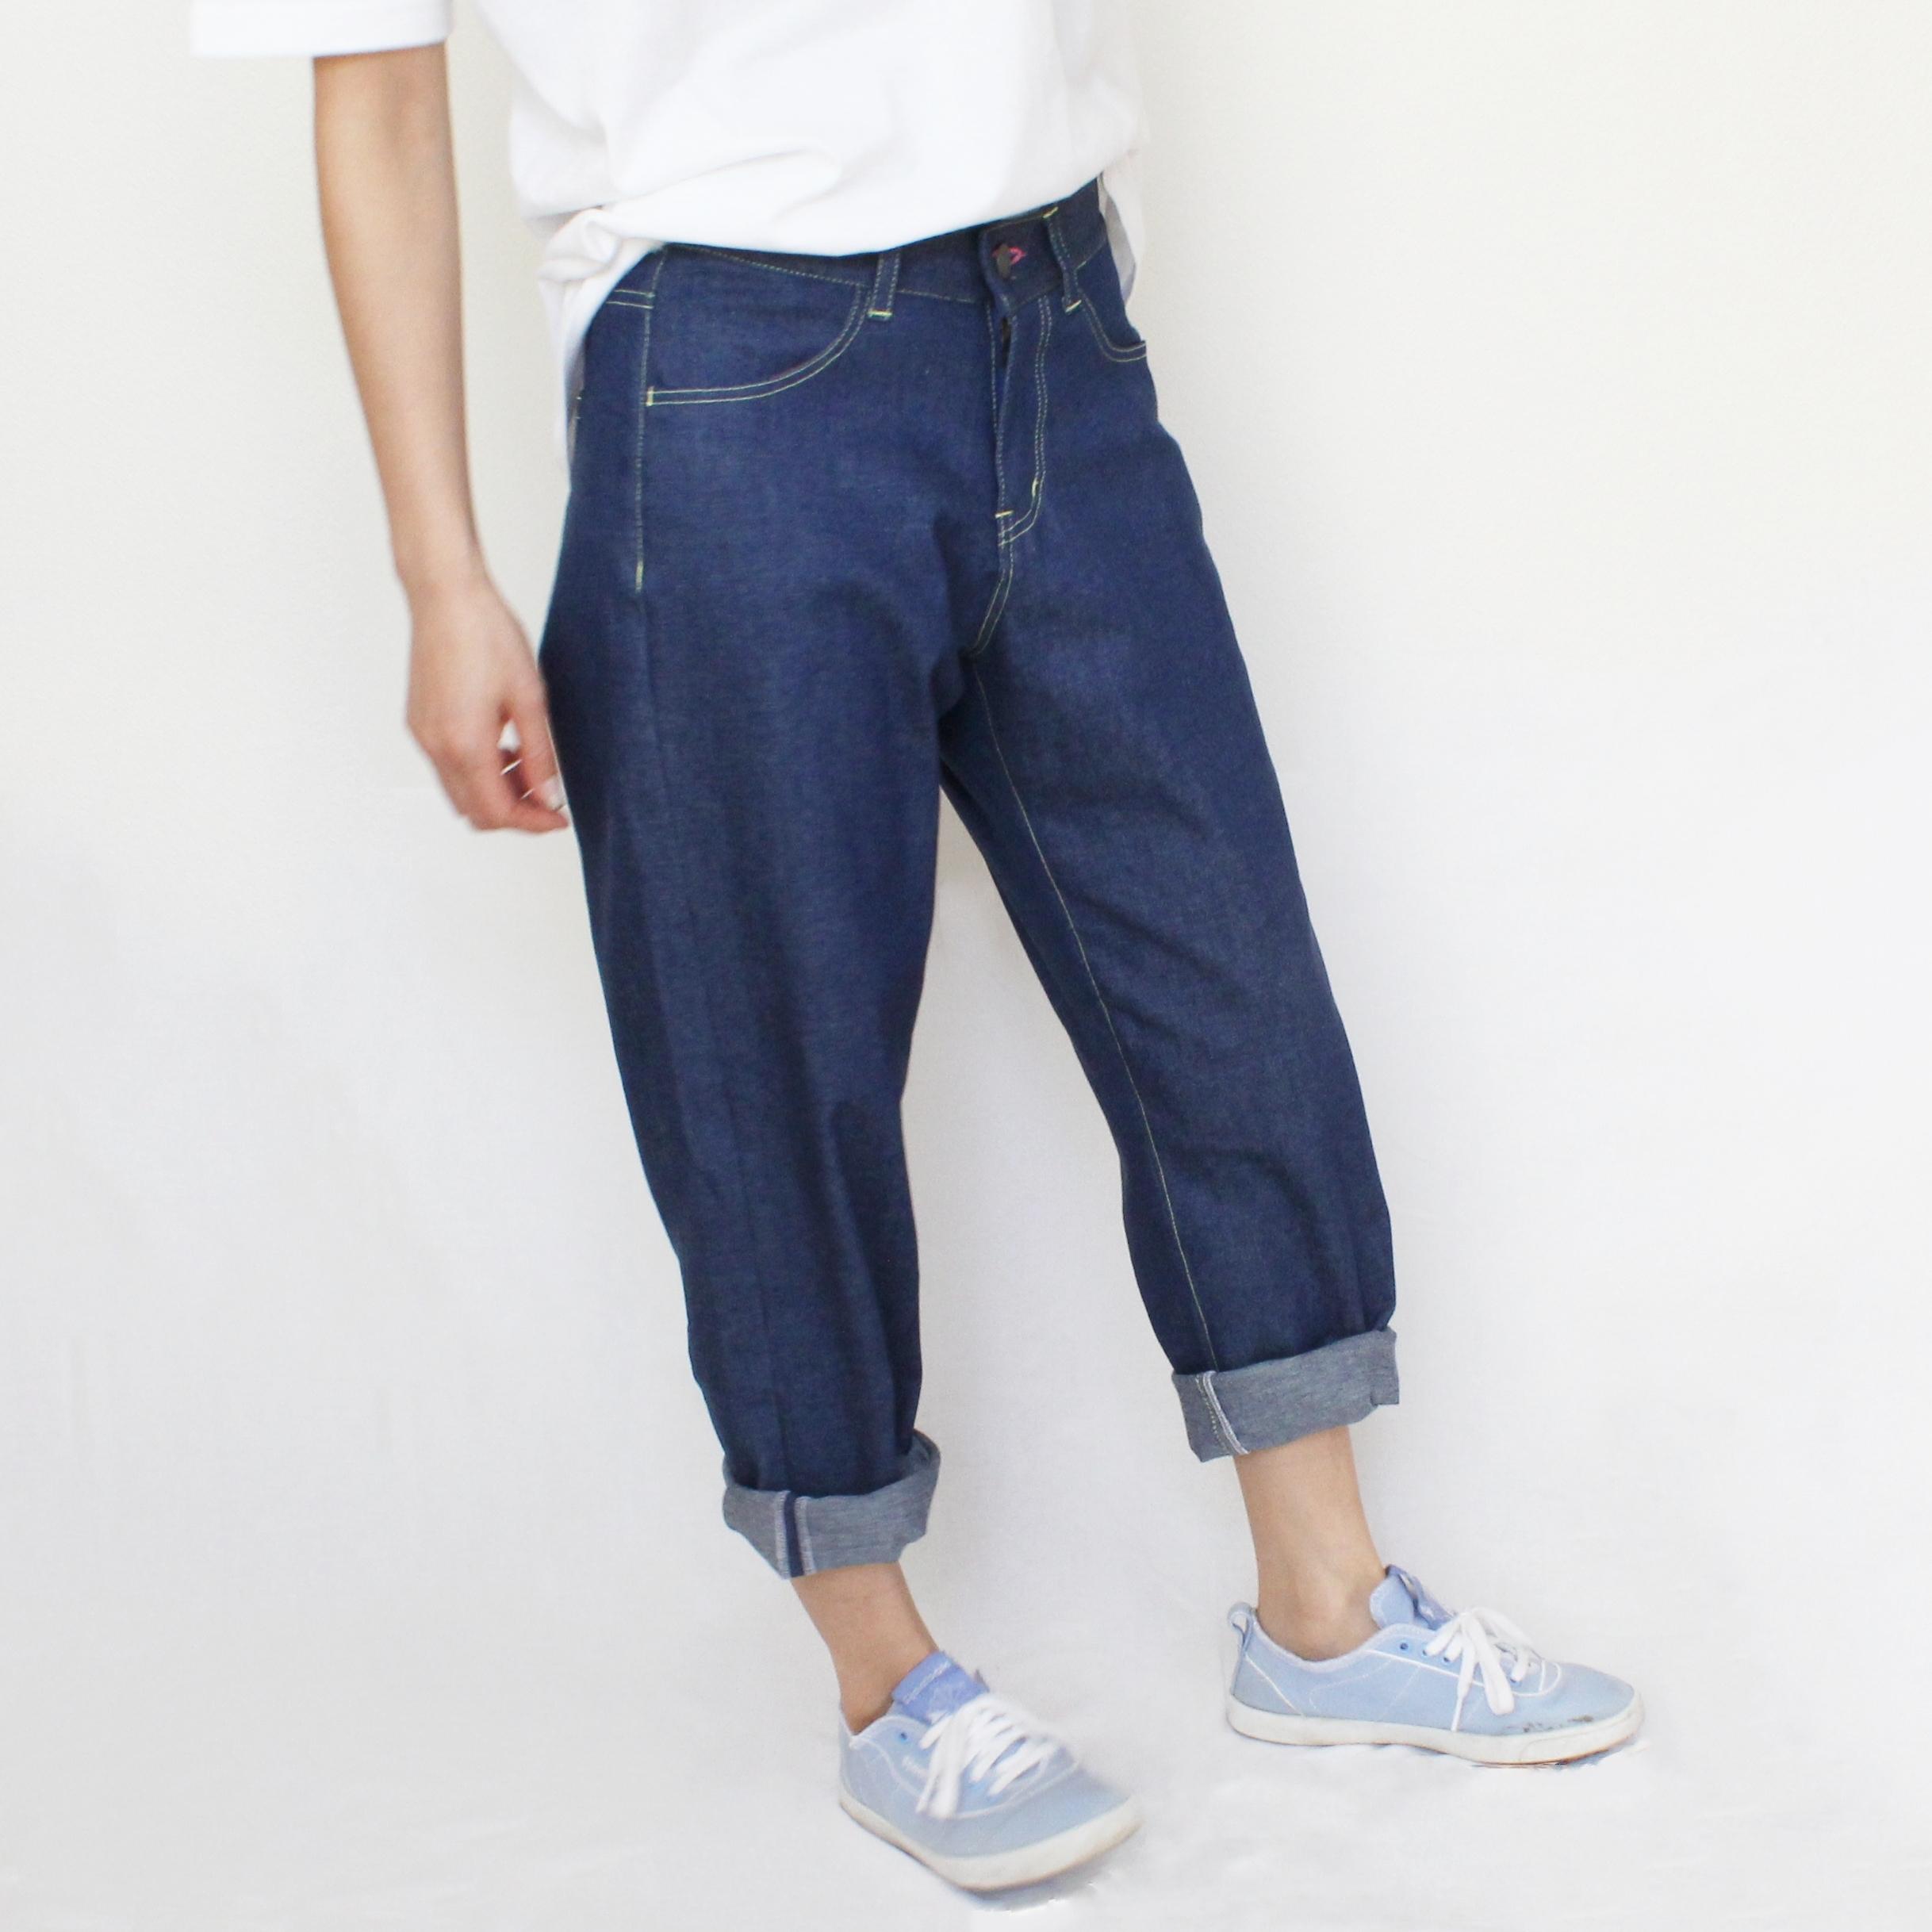 janie jeans LOGO - 画像2